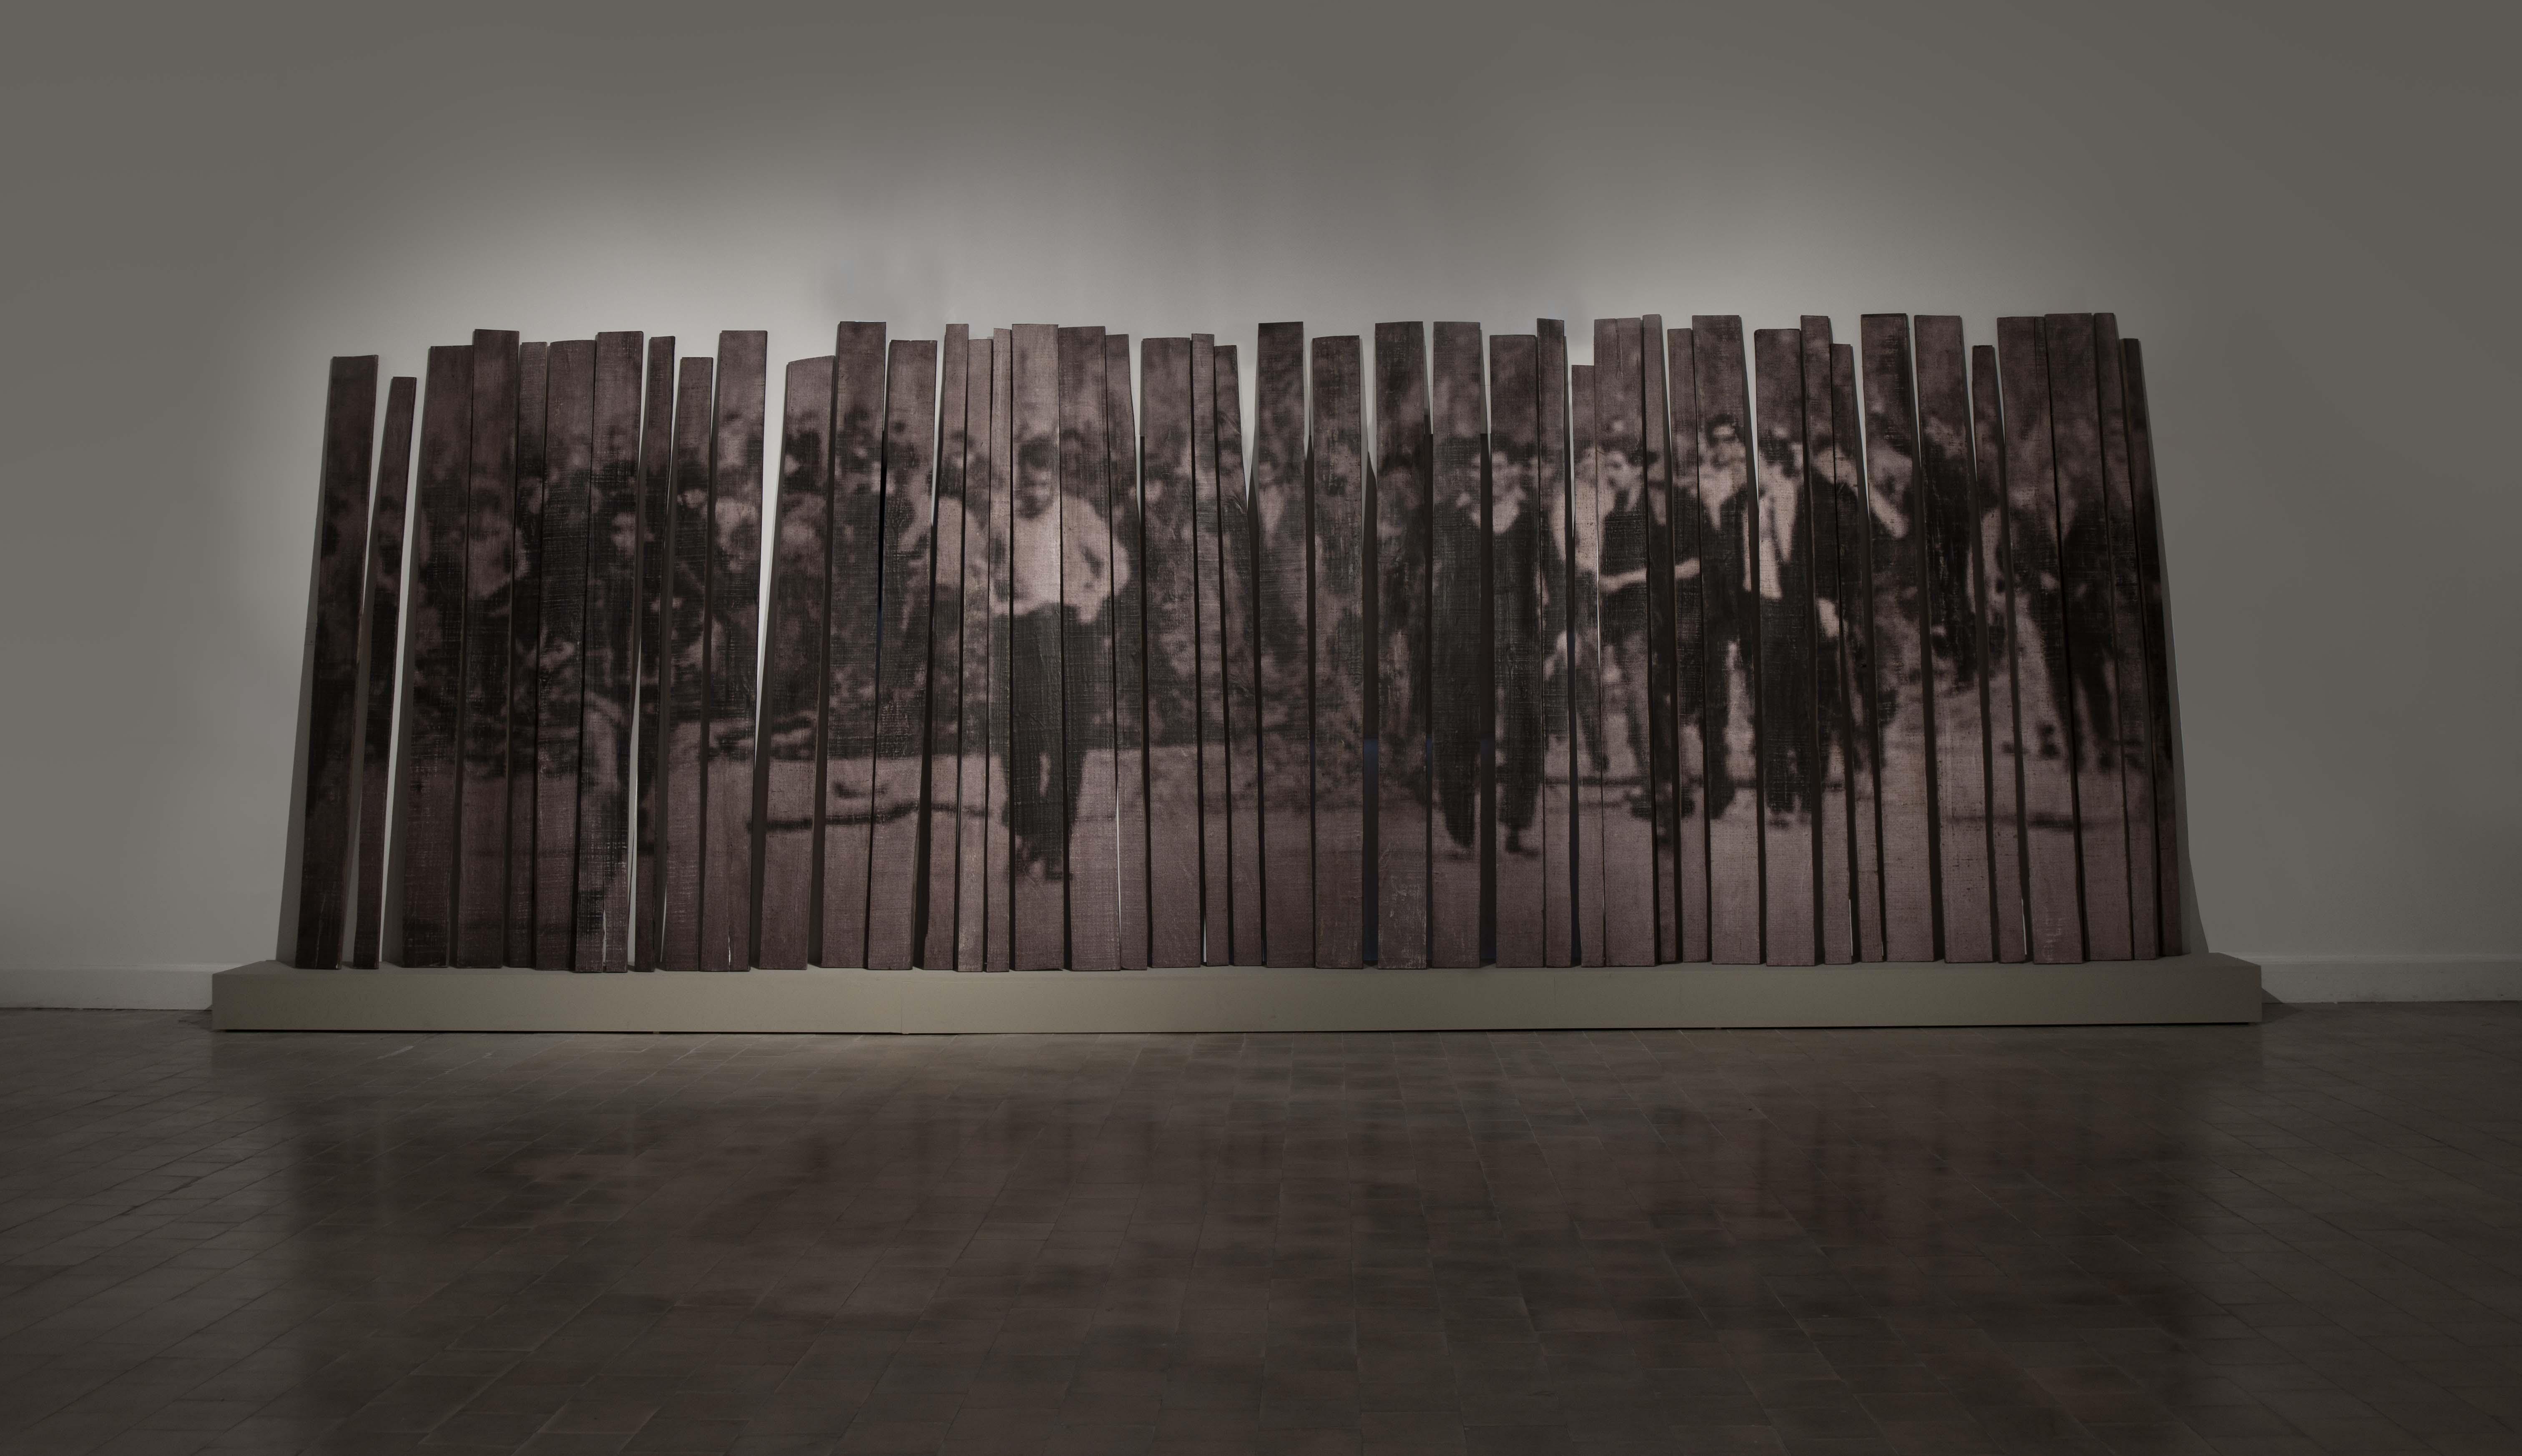 Graciela Sacco, Cuerpo a cuerpo, matorrales, 1996, instalación, incrustación fotográfica sobre fragmentos de madera, 300 x 600 cm., pieza única